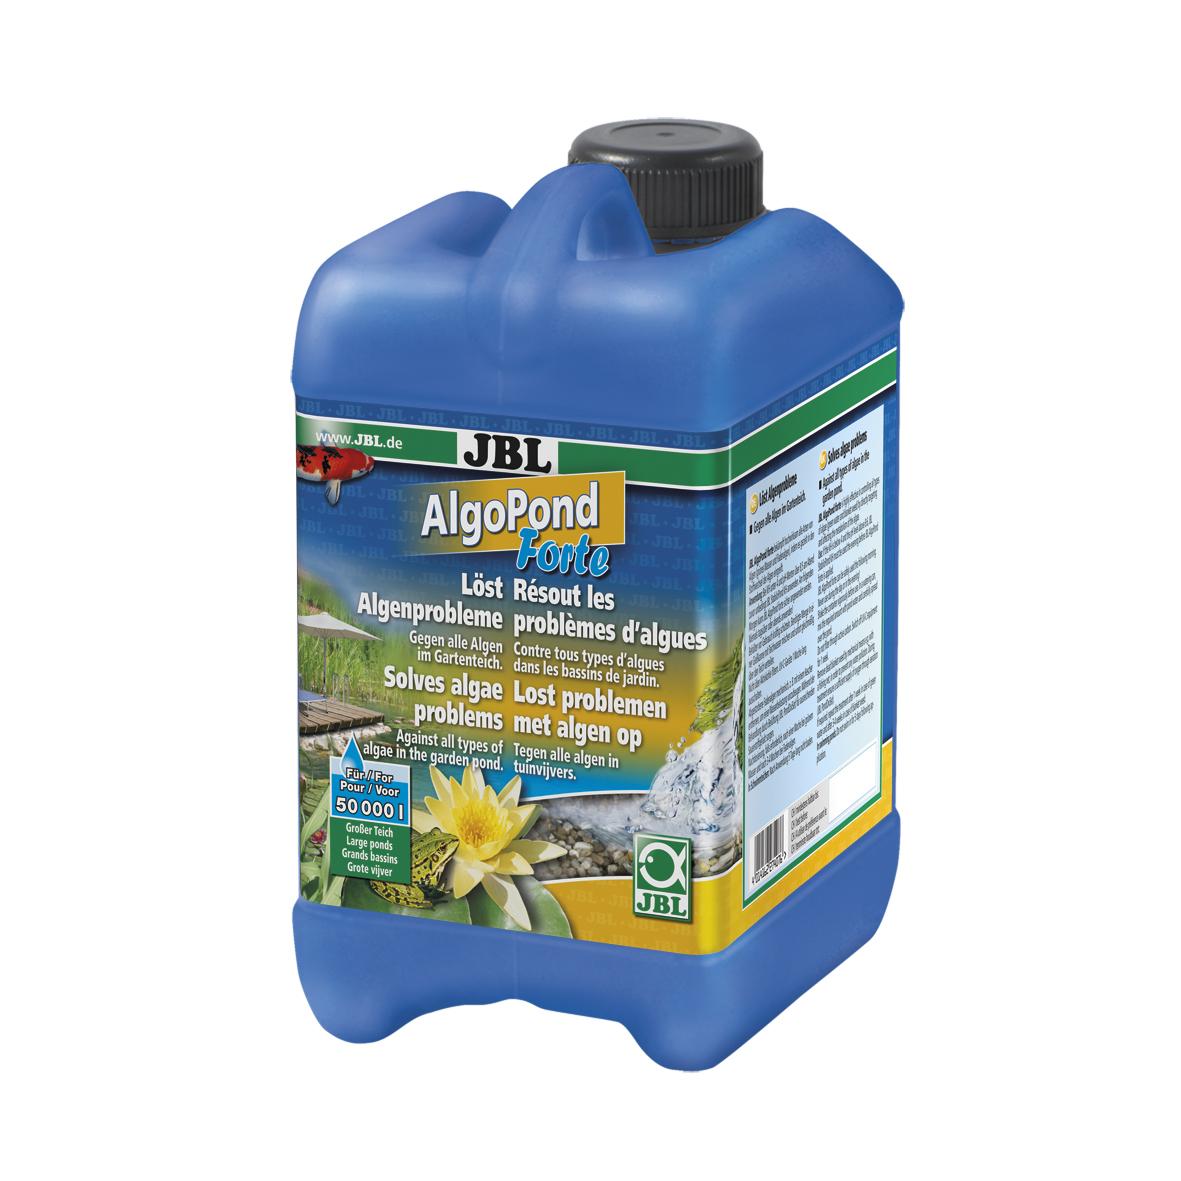 JBL AlgoPond Forte Wasseraufbereiter löst Algenprobleme für Gartenteiche 2,5 l